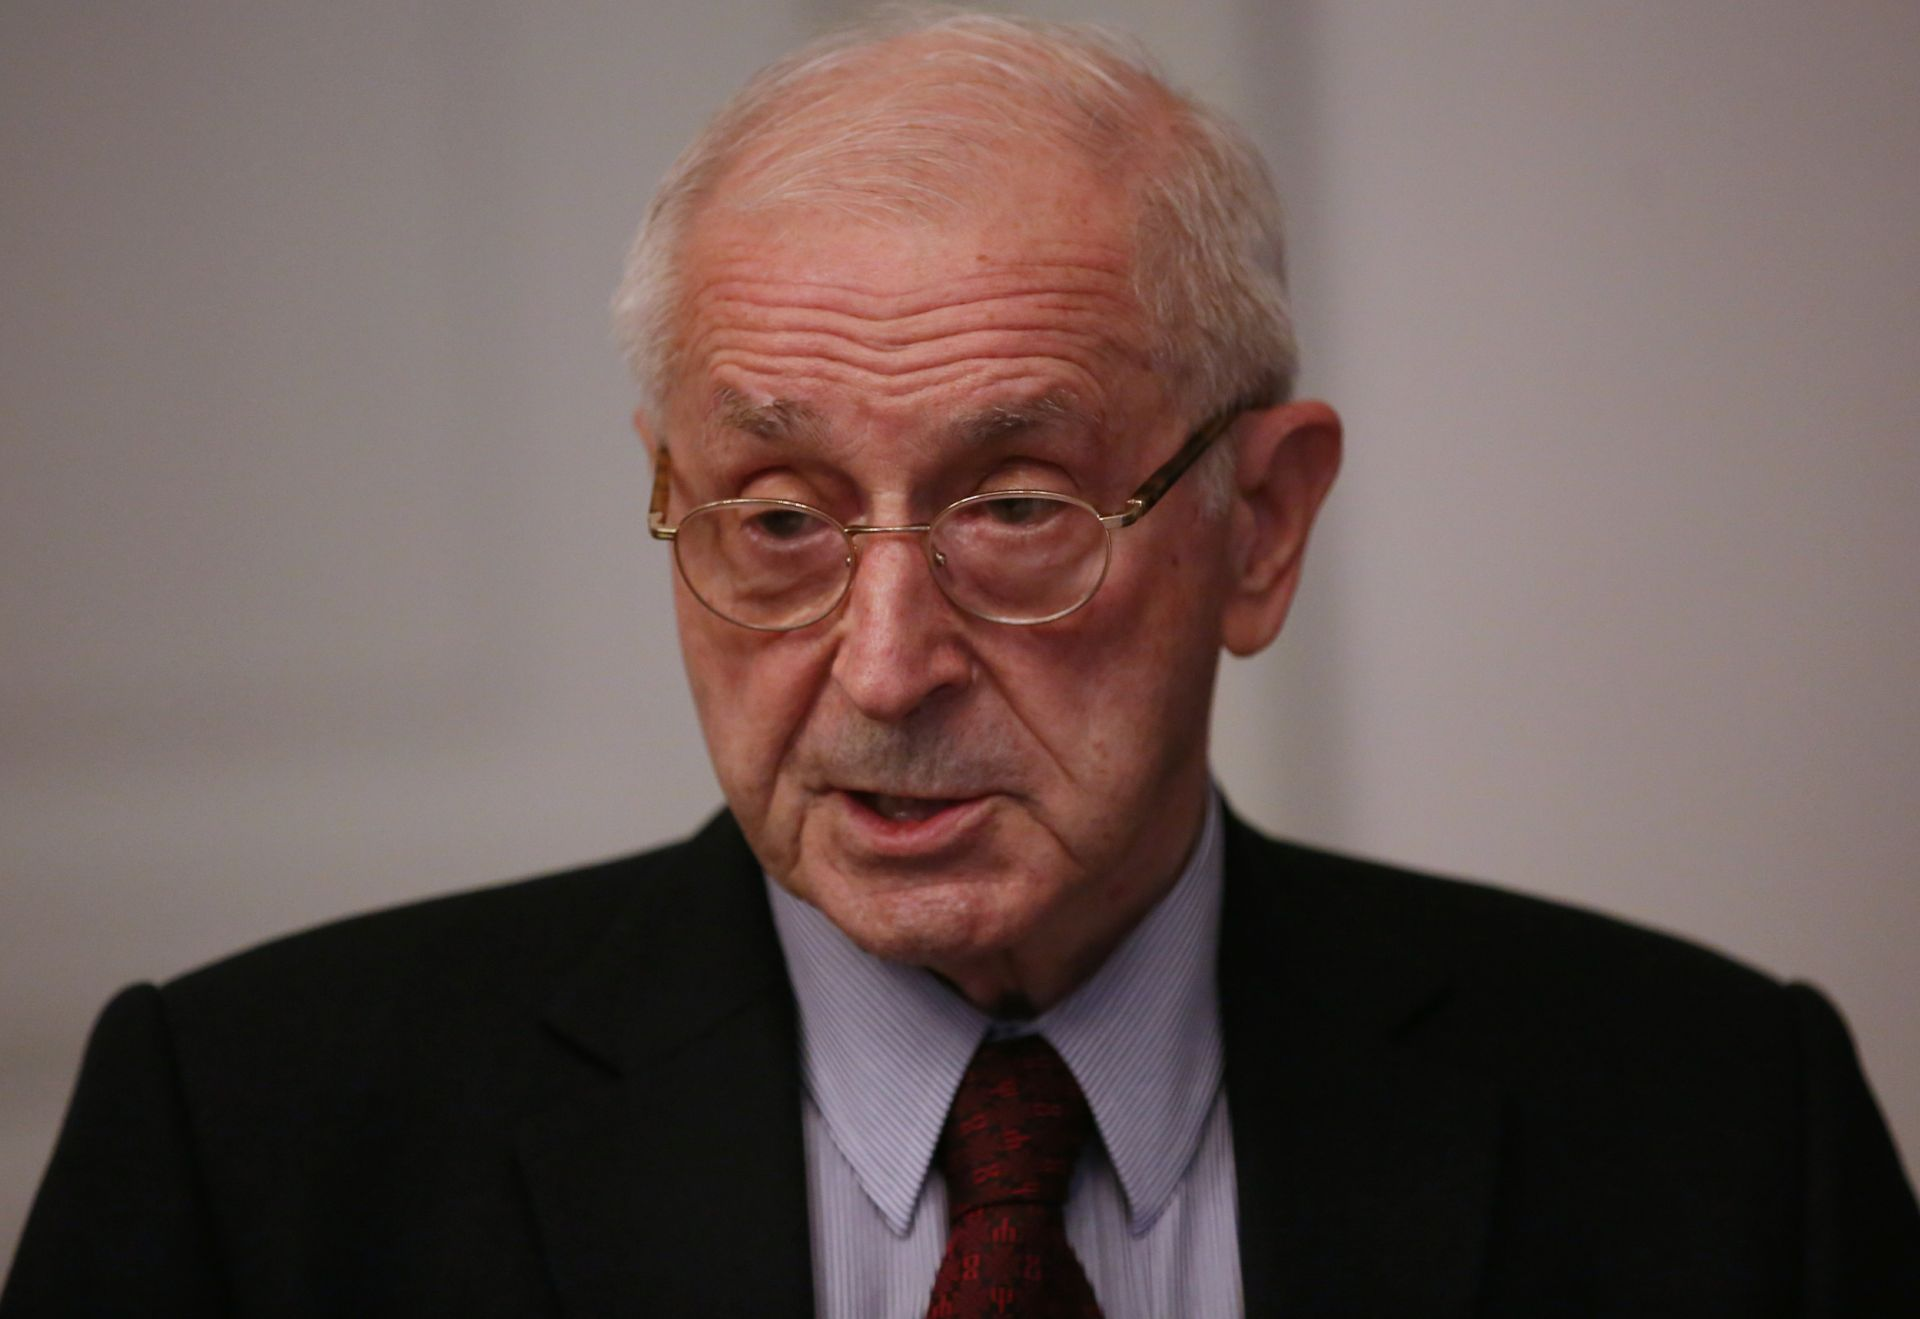 SILOBRČIĆ PODNIO OSTAVKU: Nemogućnost procesuiranja slučaja ministra znanosti